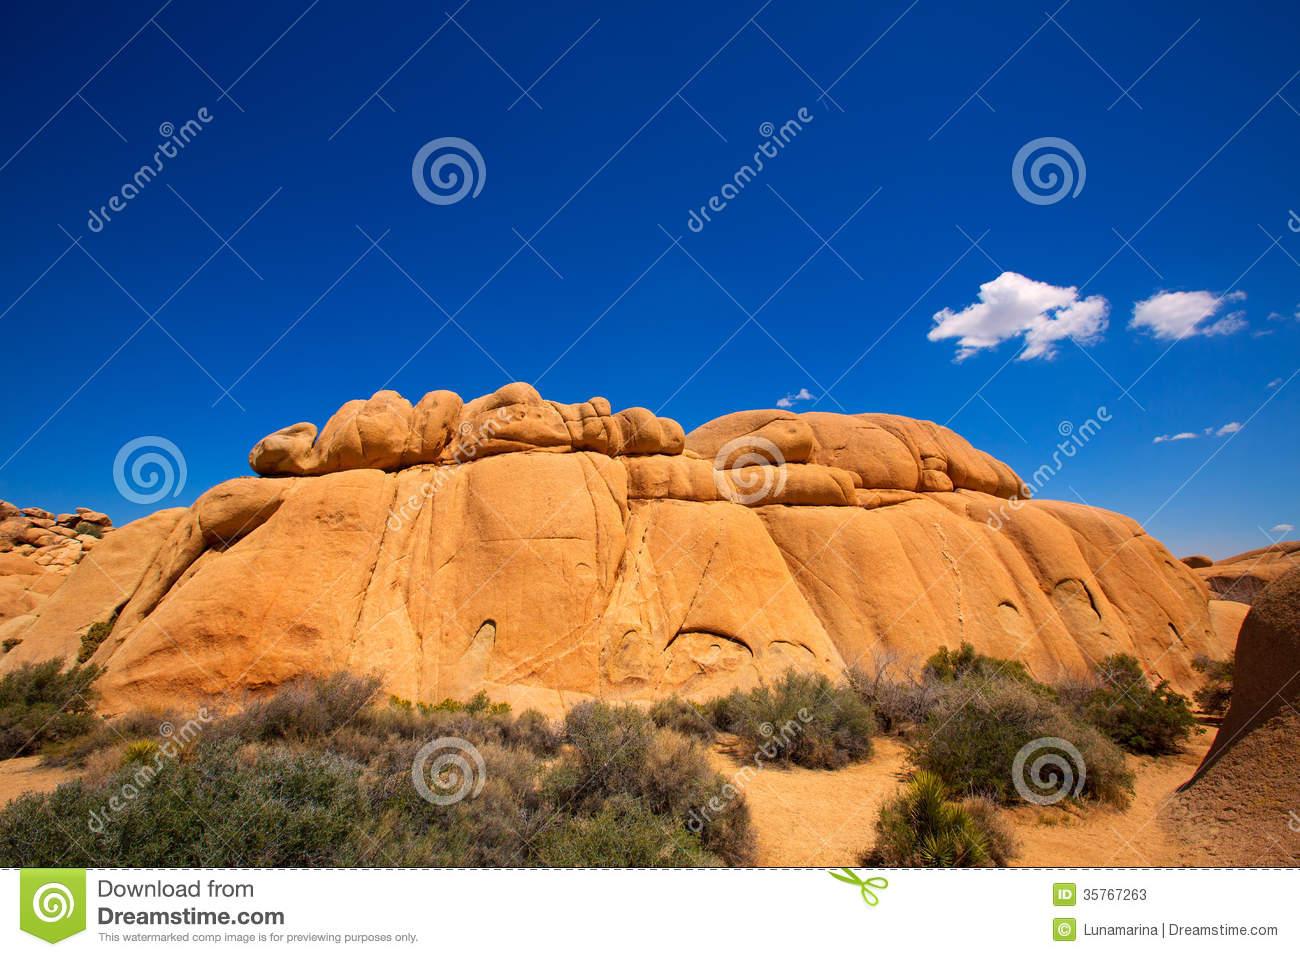 Joshua Tree National Park Jumbo Rocks Yucca Valley Desert Califo.